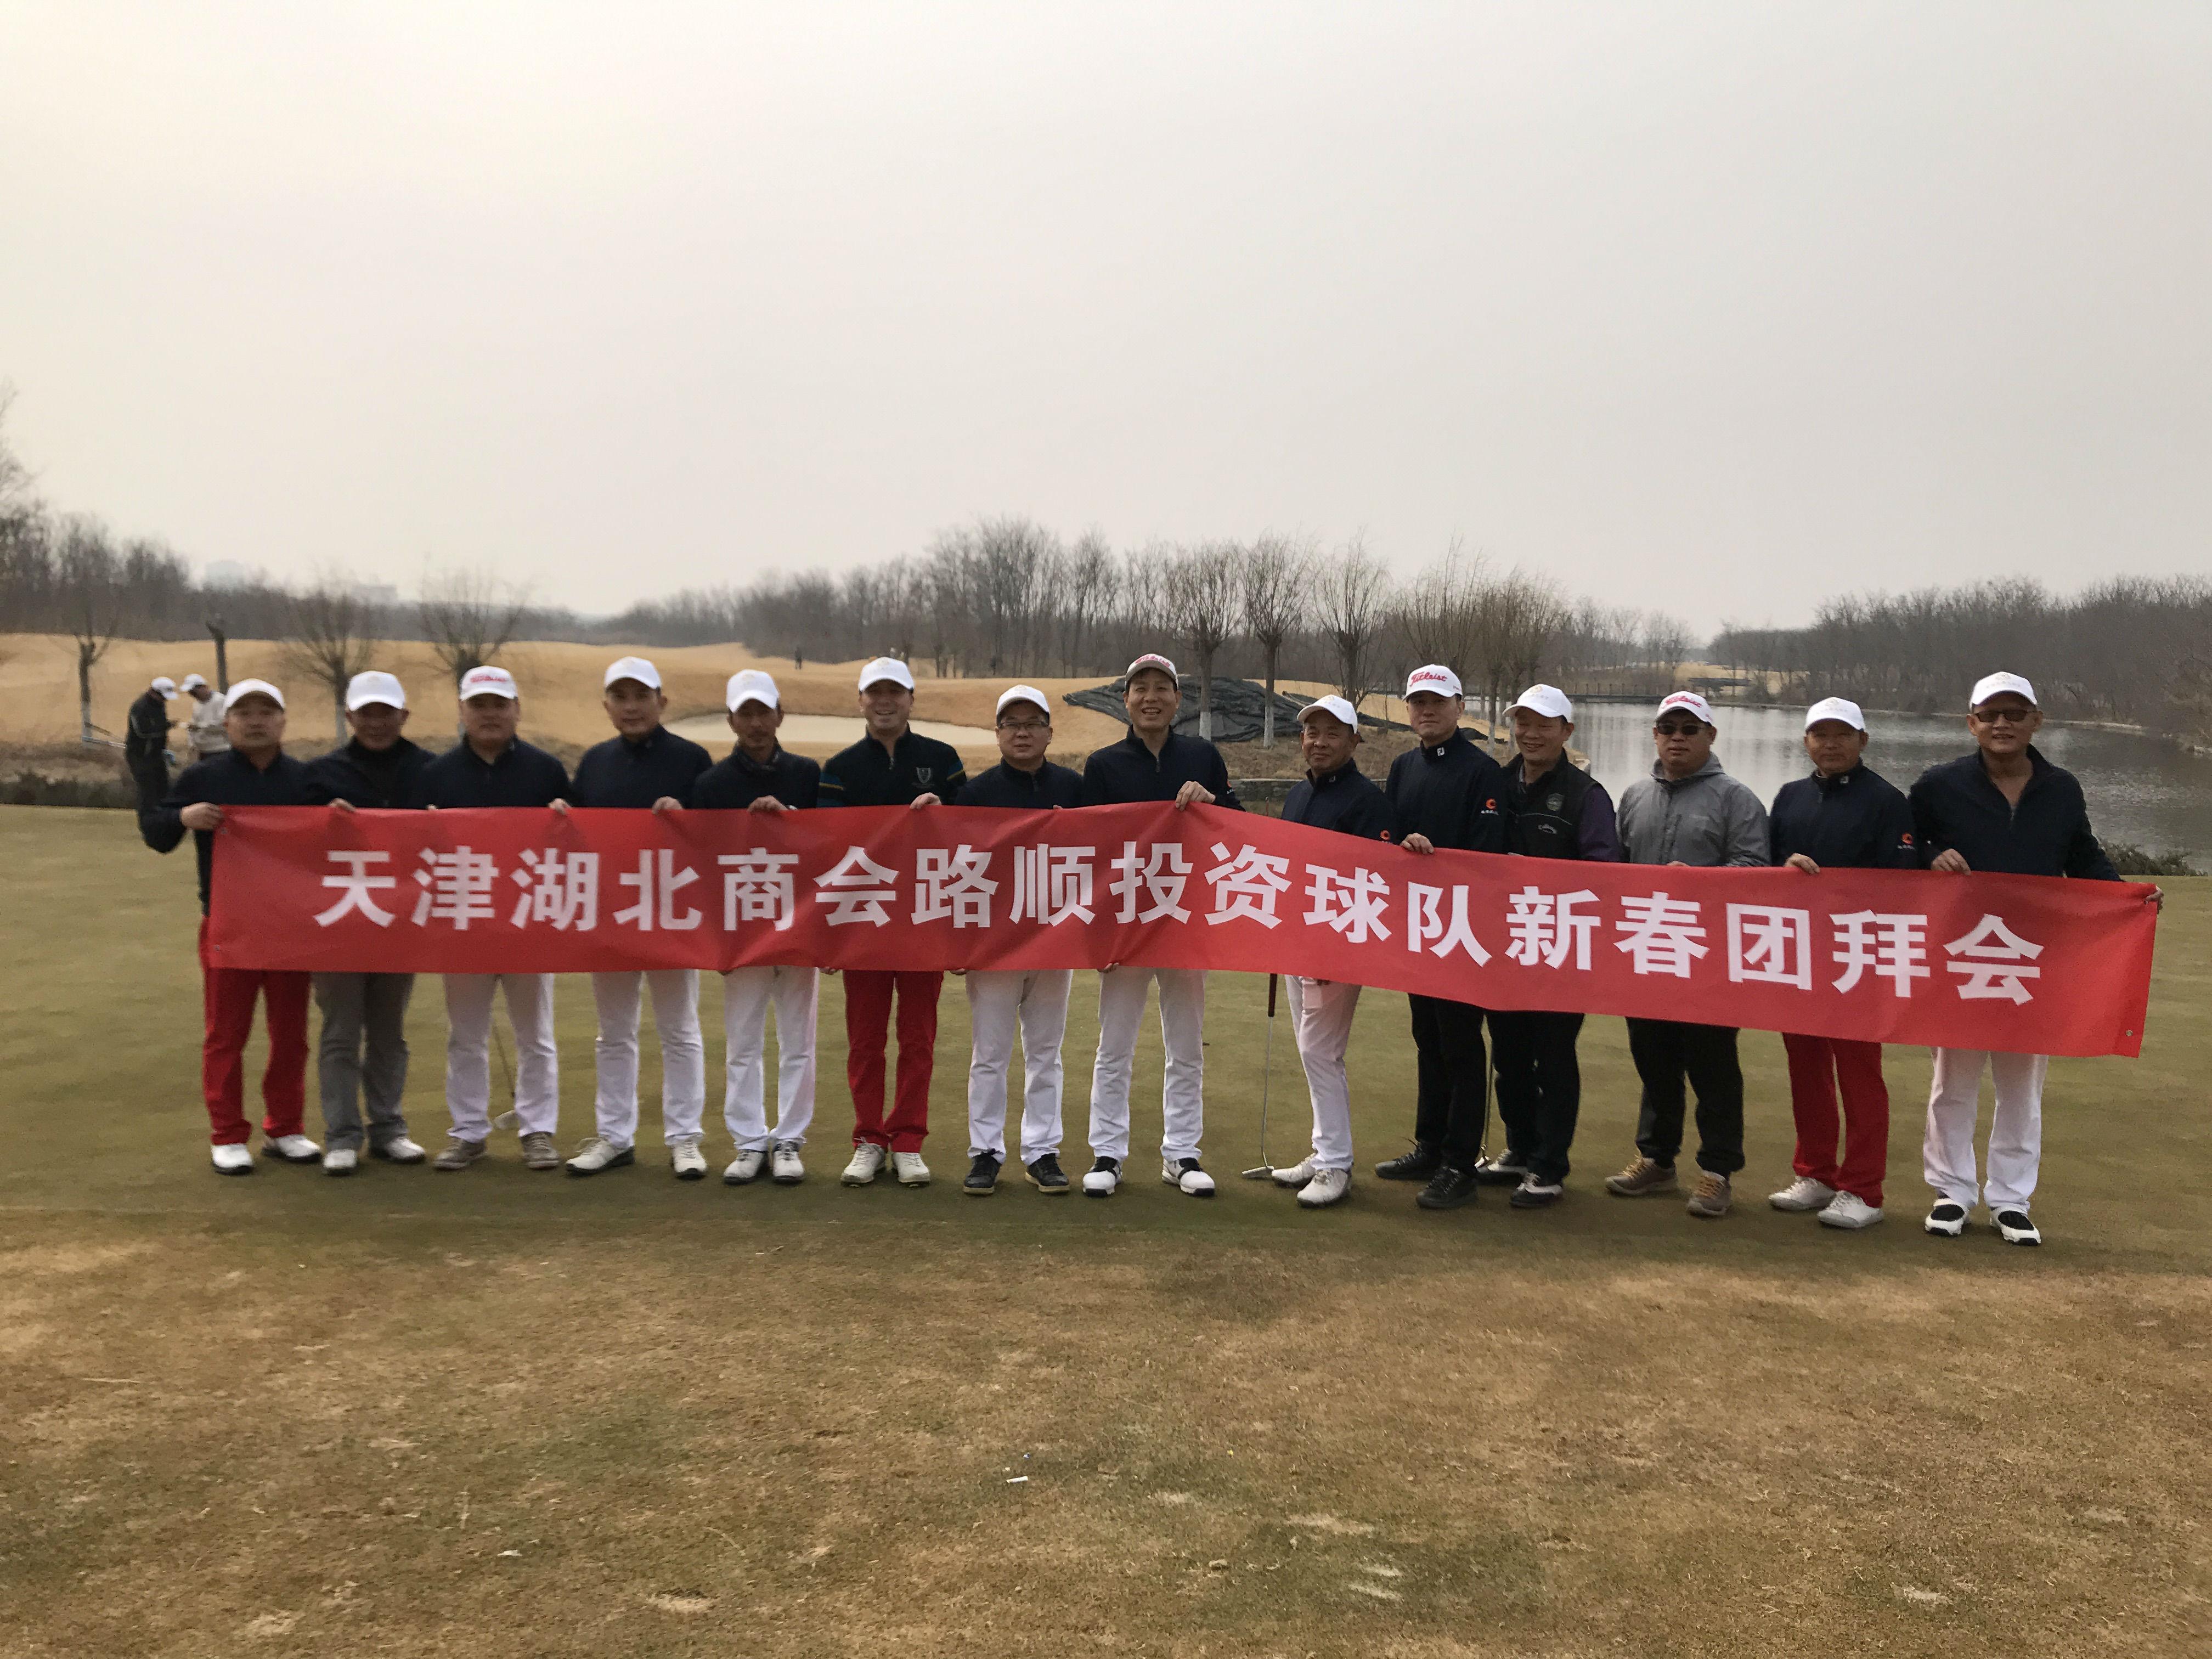 天津湖北贝博路顺投资高尔夫球队 新春团拜会圆满举办